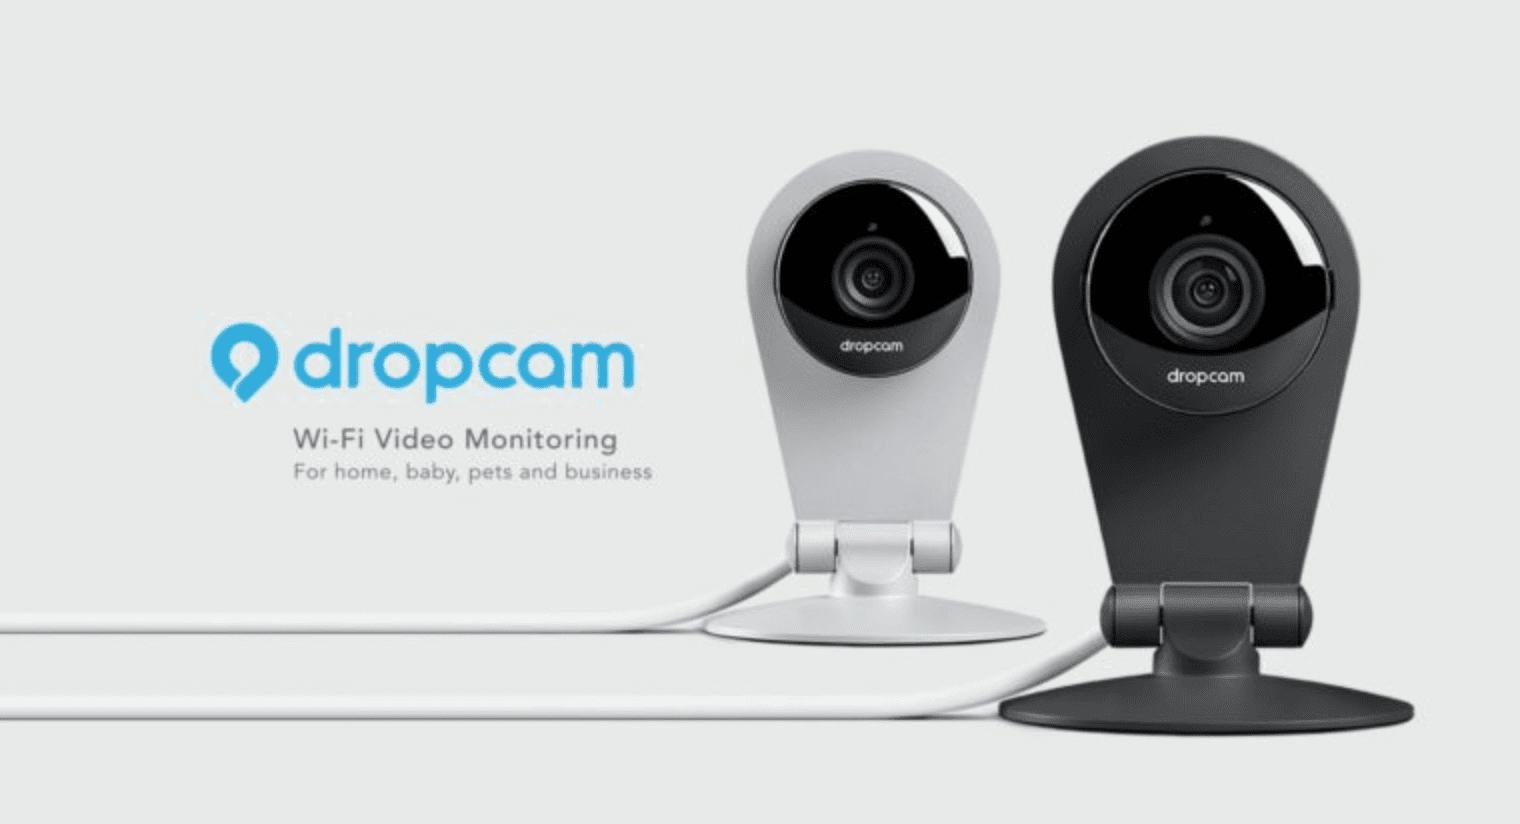 Dropcam Top